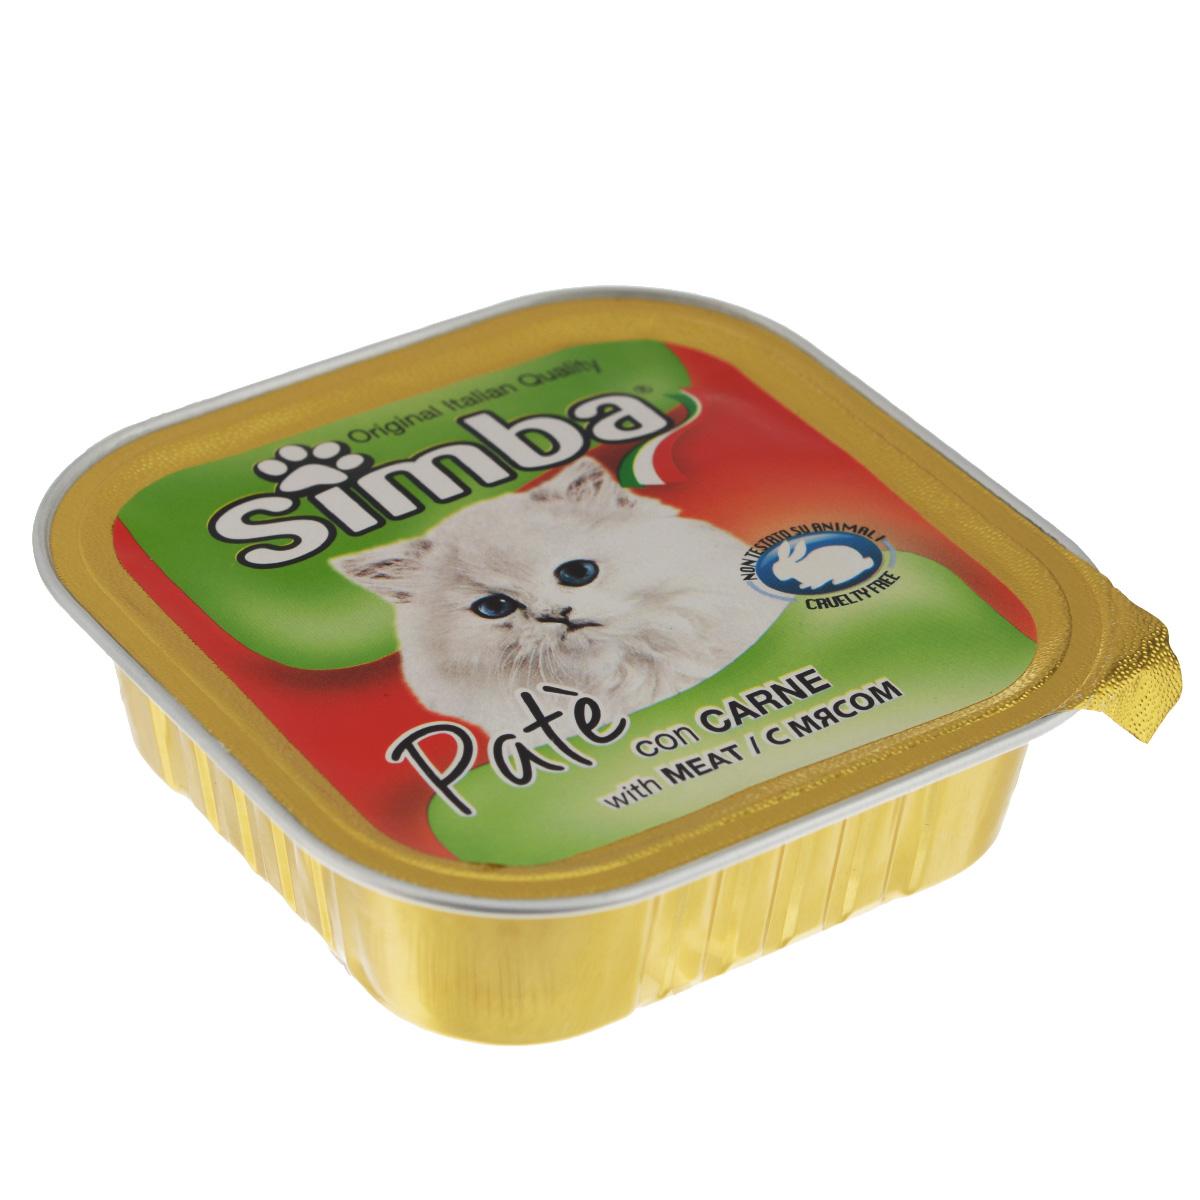 Консервы Monge Simba для взрослых кошек, паштет с мясом, 100 г70009218Консервы Monge Simba - полнорационный корм для взрослых кошек. Без добавления консервантов и антиоксидантов. Экологически чистое производство гарантирует высочайшее качество и длительные сроки хранения консервов. Тщательный отбор сырья и содержащийся в нем полный набор витаминов и микроэлементов обеспечивает отличную усвояемость и отсутствие проблем с пищеварением у ваших любимых питомцев. Состав: мясо и мясные субпродукты (6%), каррагенин, минеральные вещества, натуральные красители и вкусовые добавки.Пищевая ценность: протеин 8,0%, жир 7,5%, зола 2,1%, клетчатка 0,4%, влажность 82%. Добавки на кг: витамин А: 1 200; витамин D3: 160; витамин Е: 5 мг/кг.Товар сертифицирован.